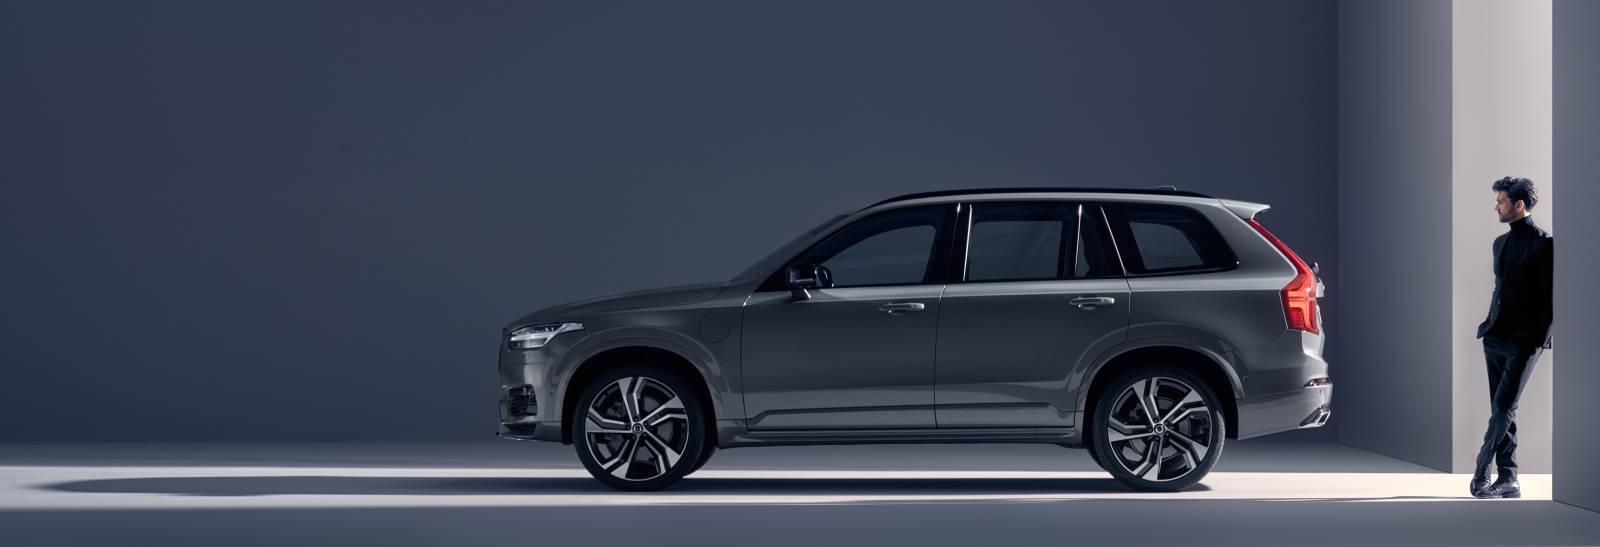 Volvo XC90 - Ilustrativní fotografie